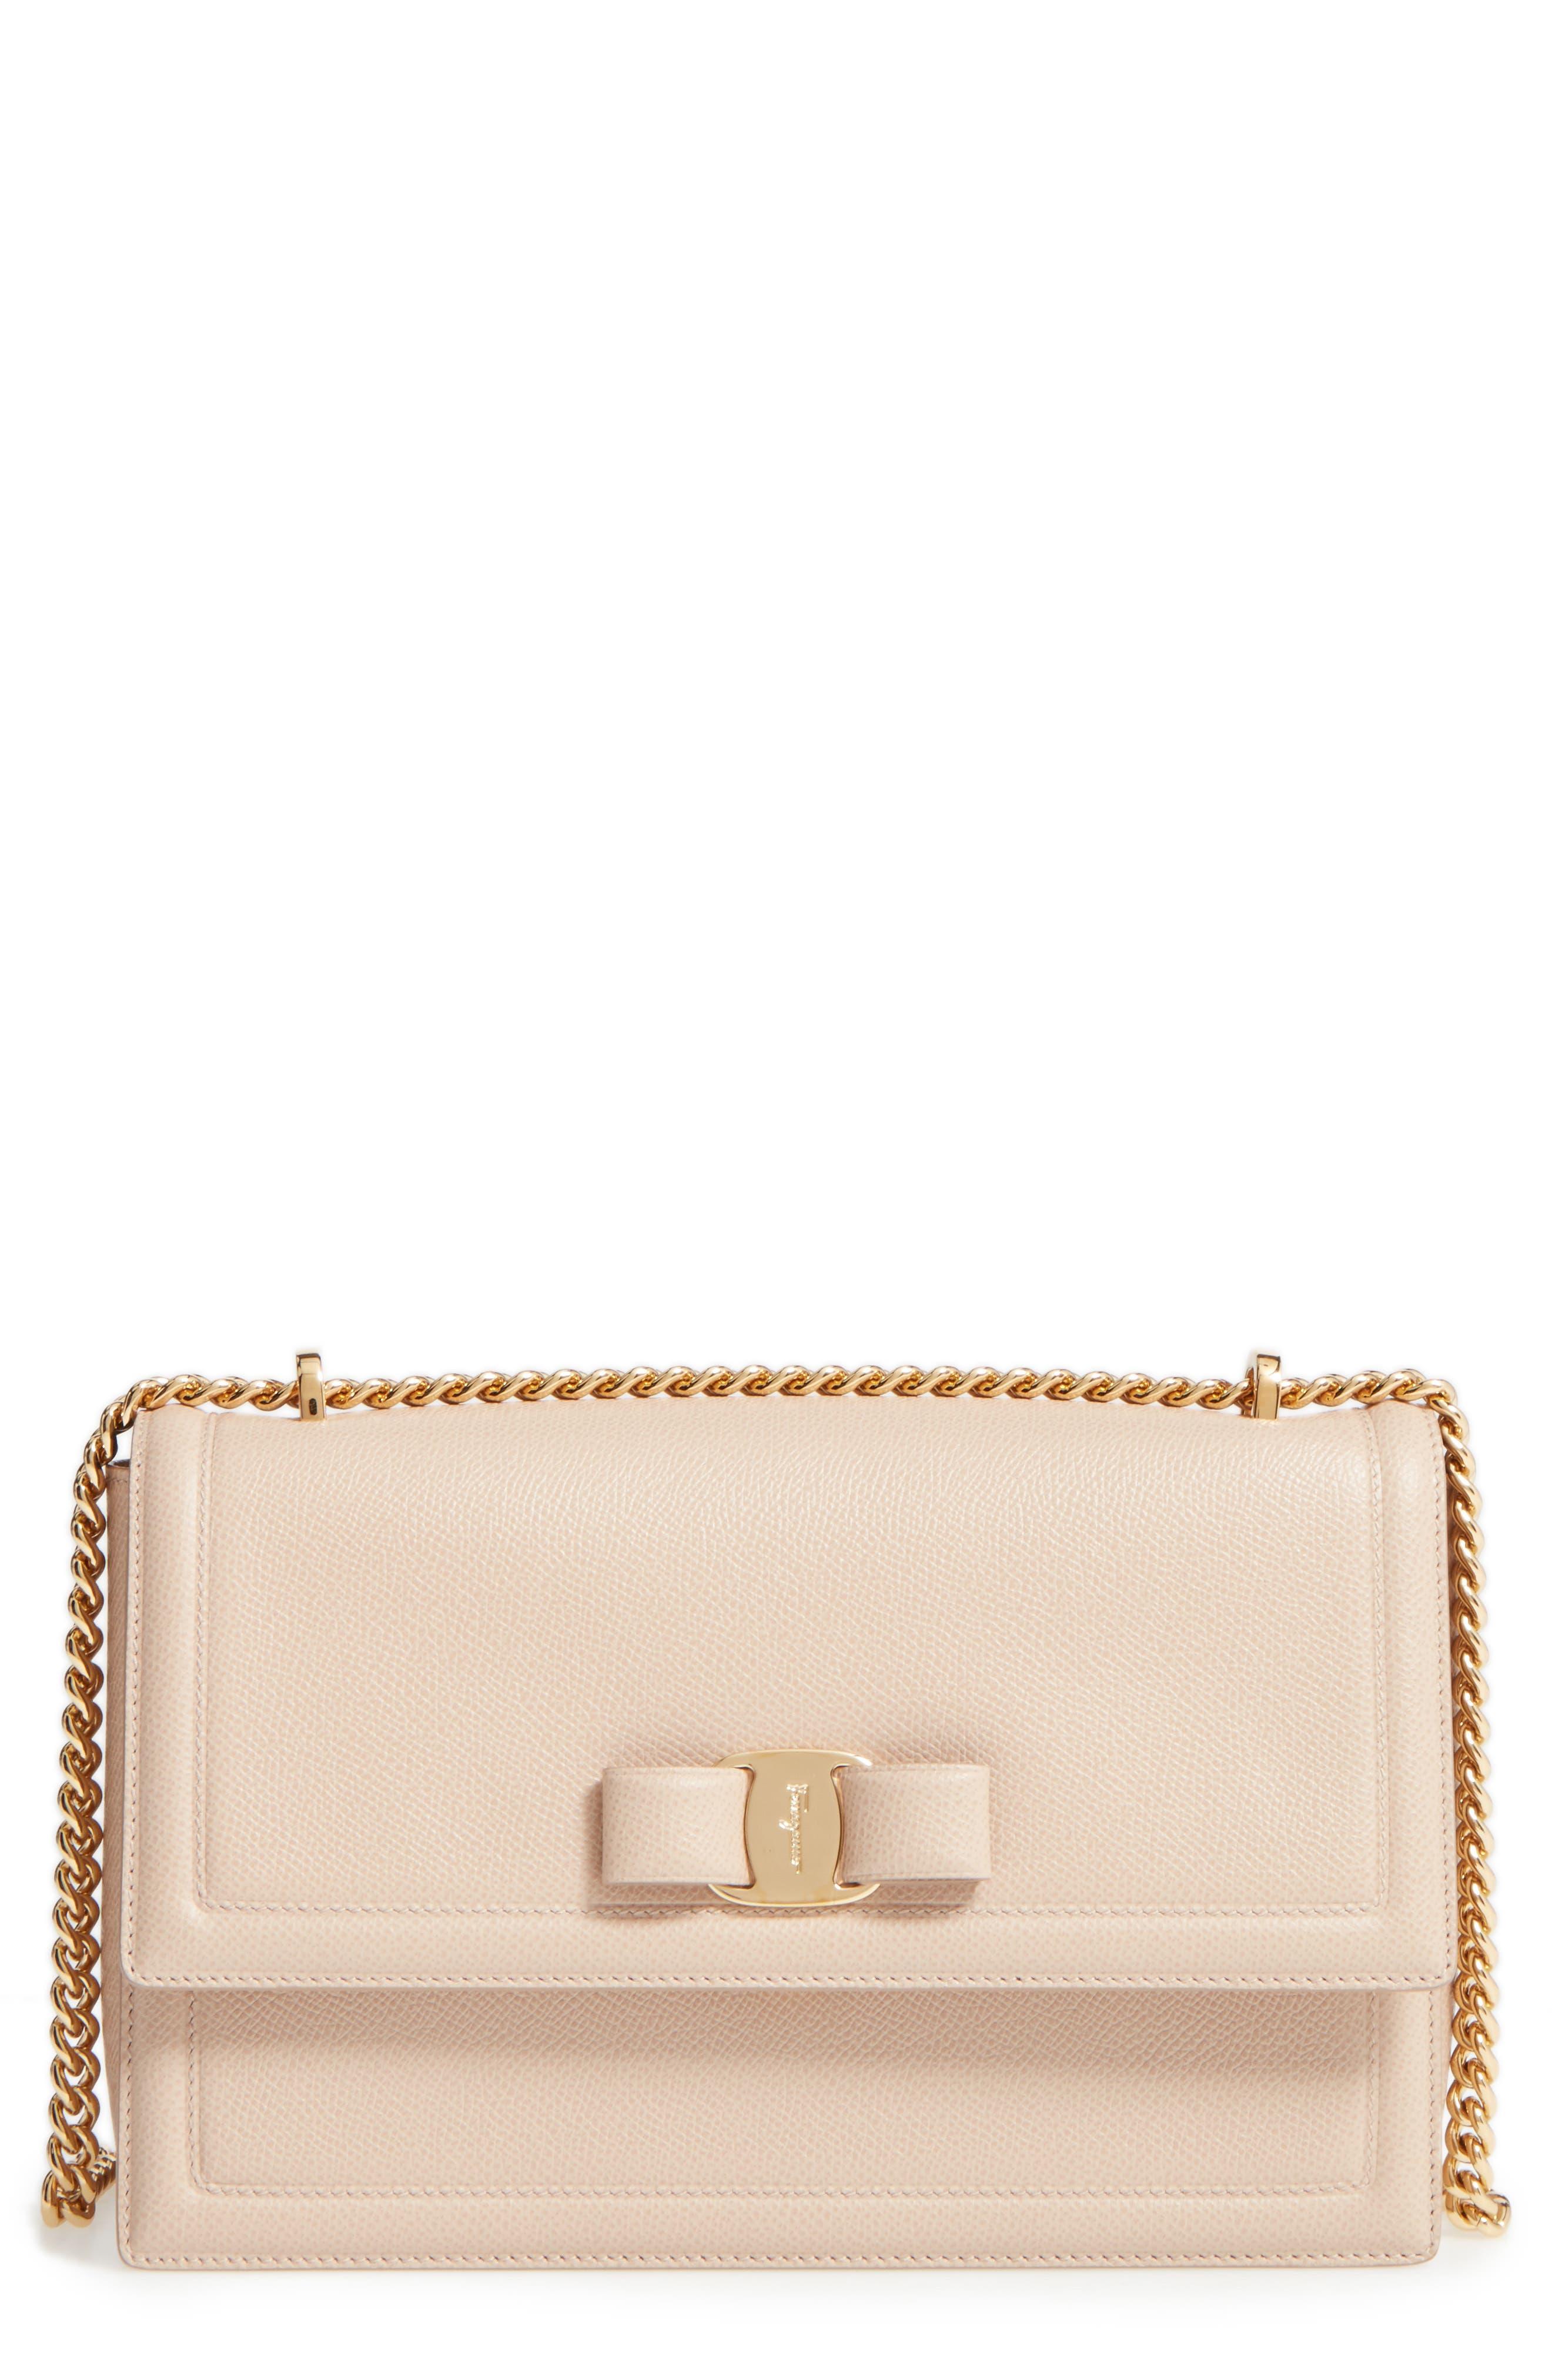 Medium Leather Shoulder Bag,                         Main,                         color,